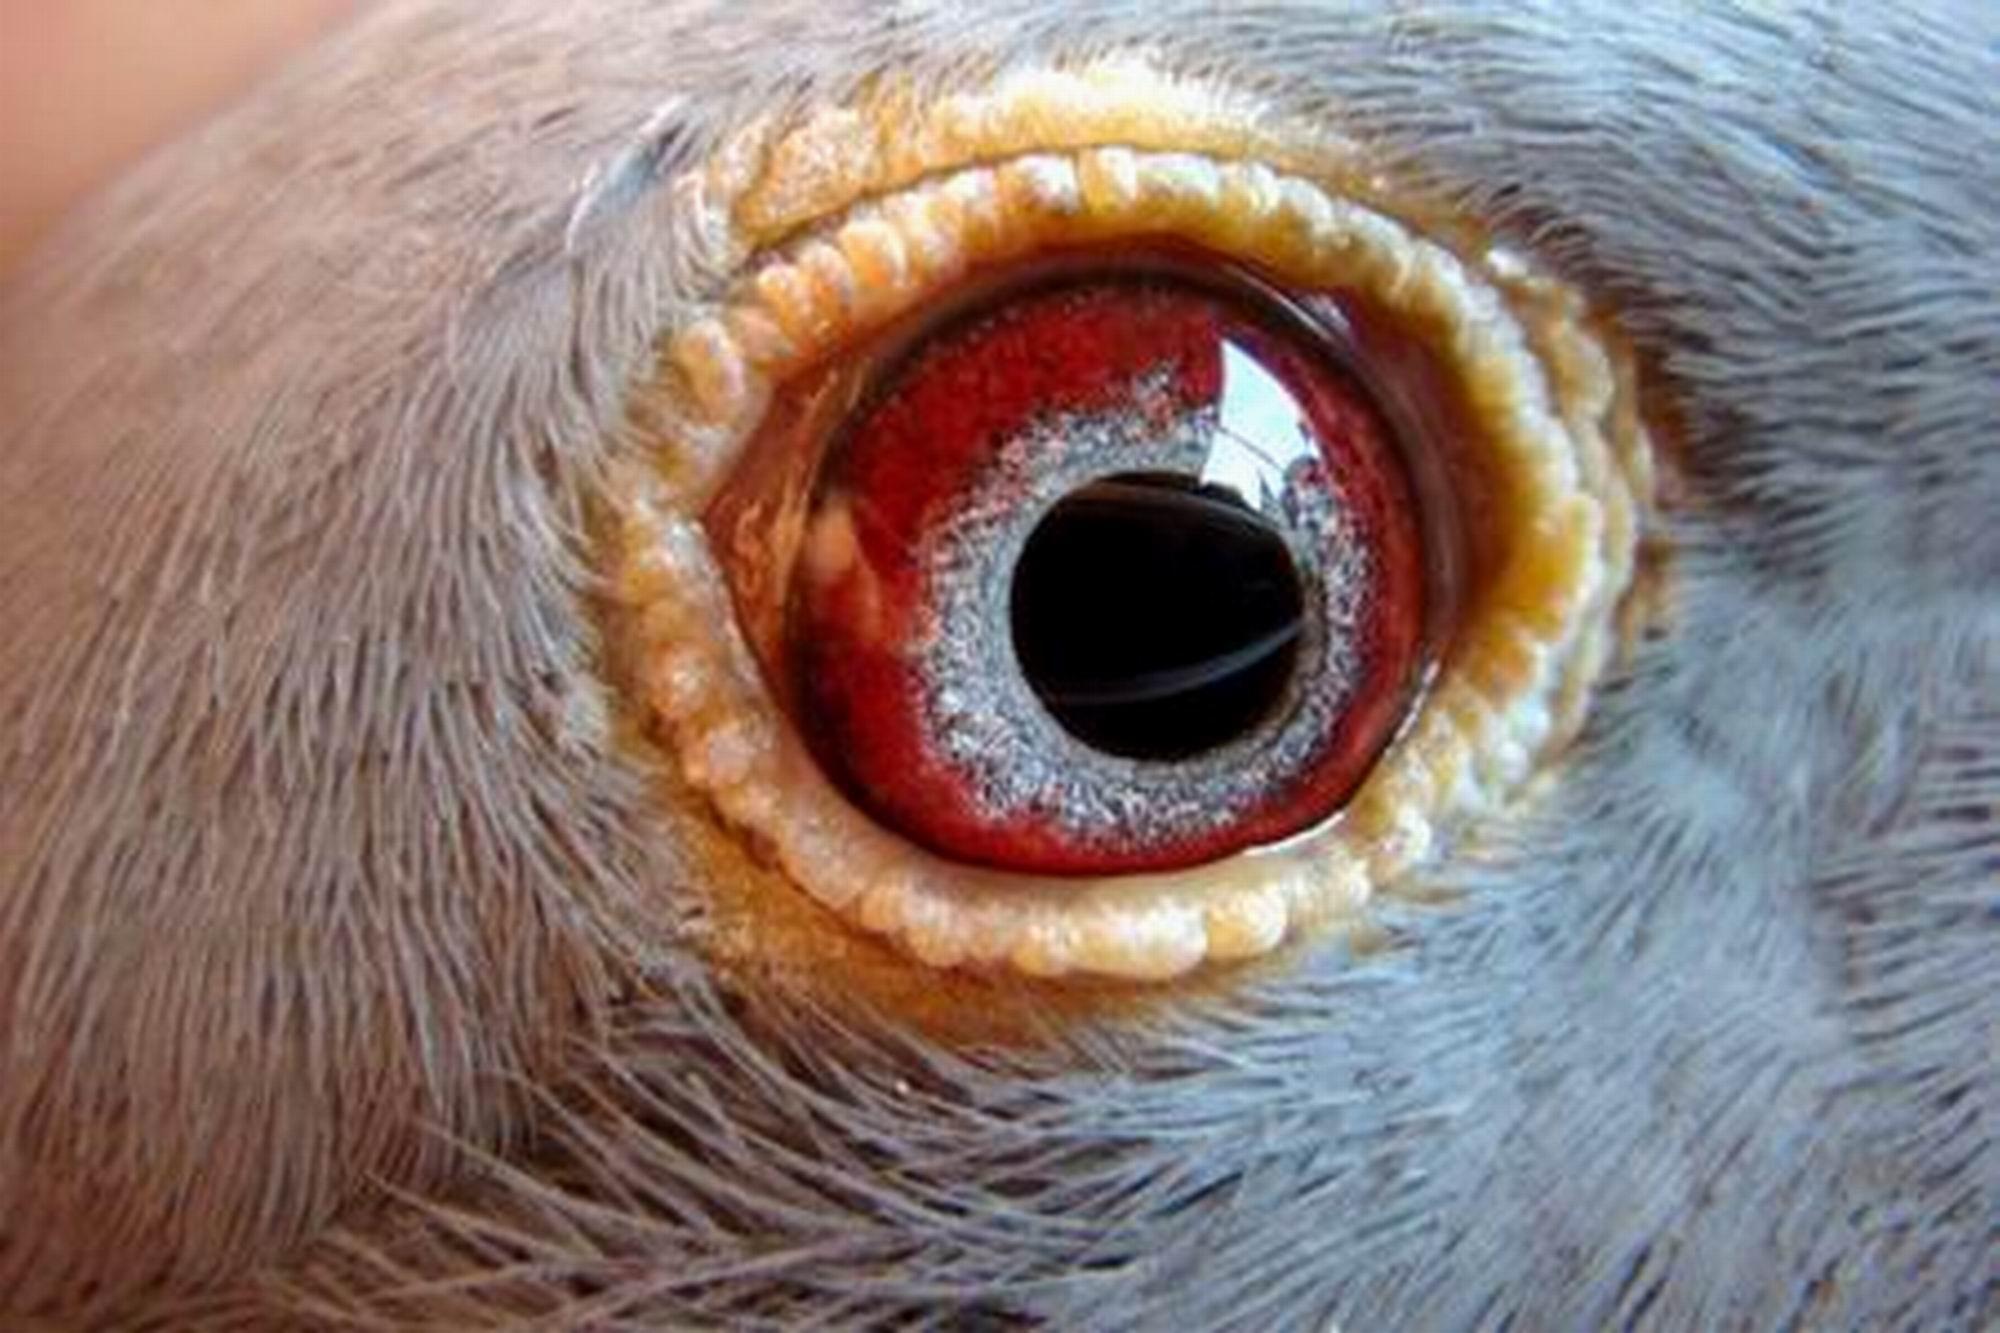 鸽子的眼睛能否分辨颜色